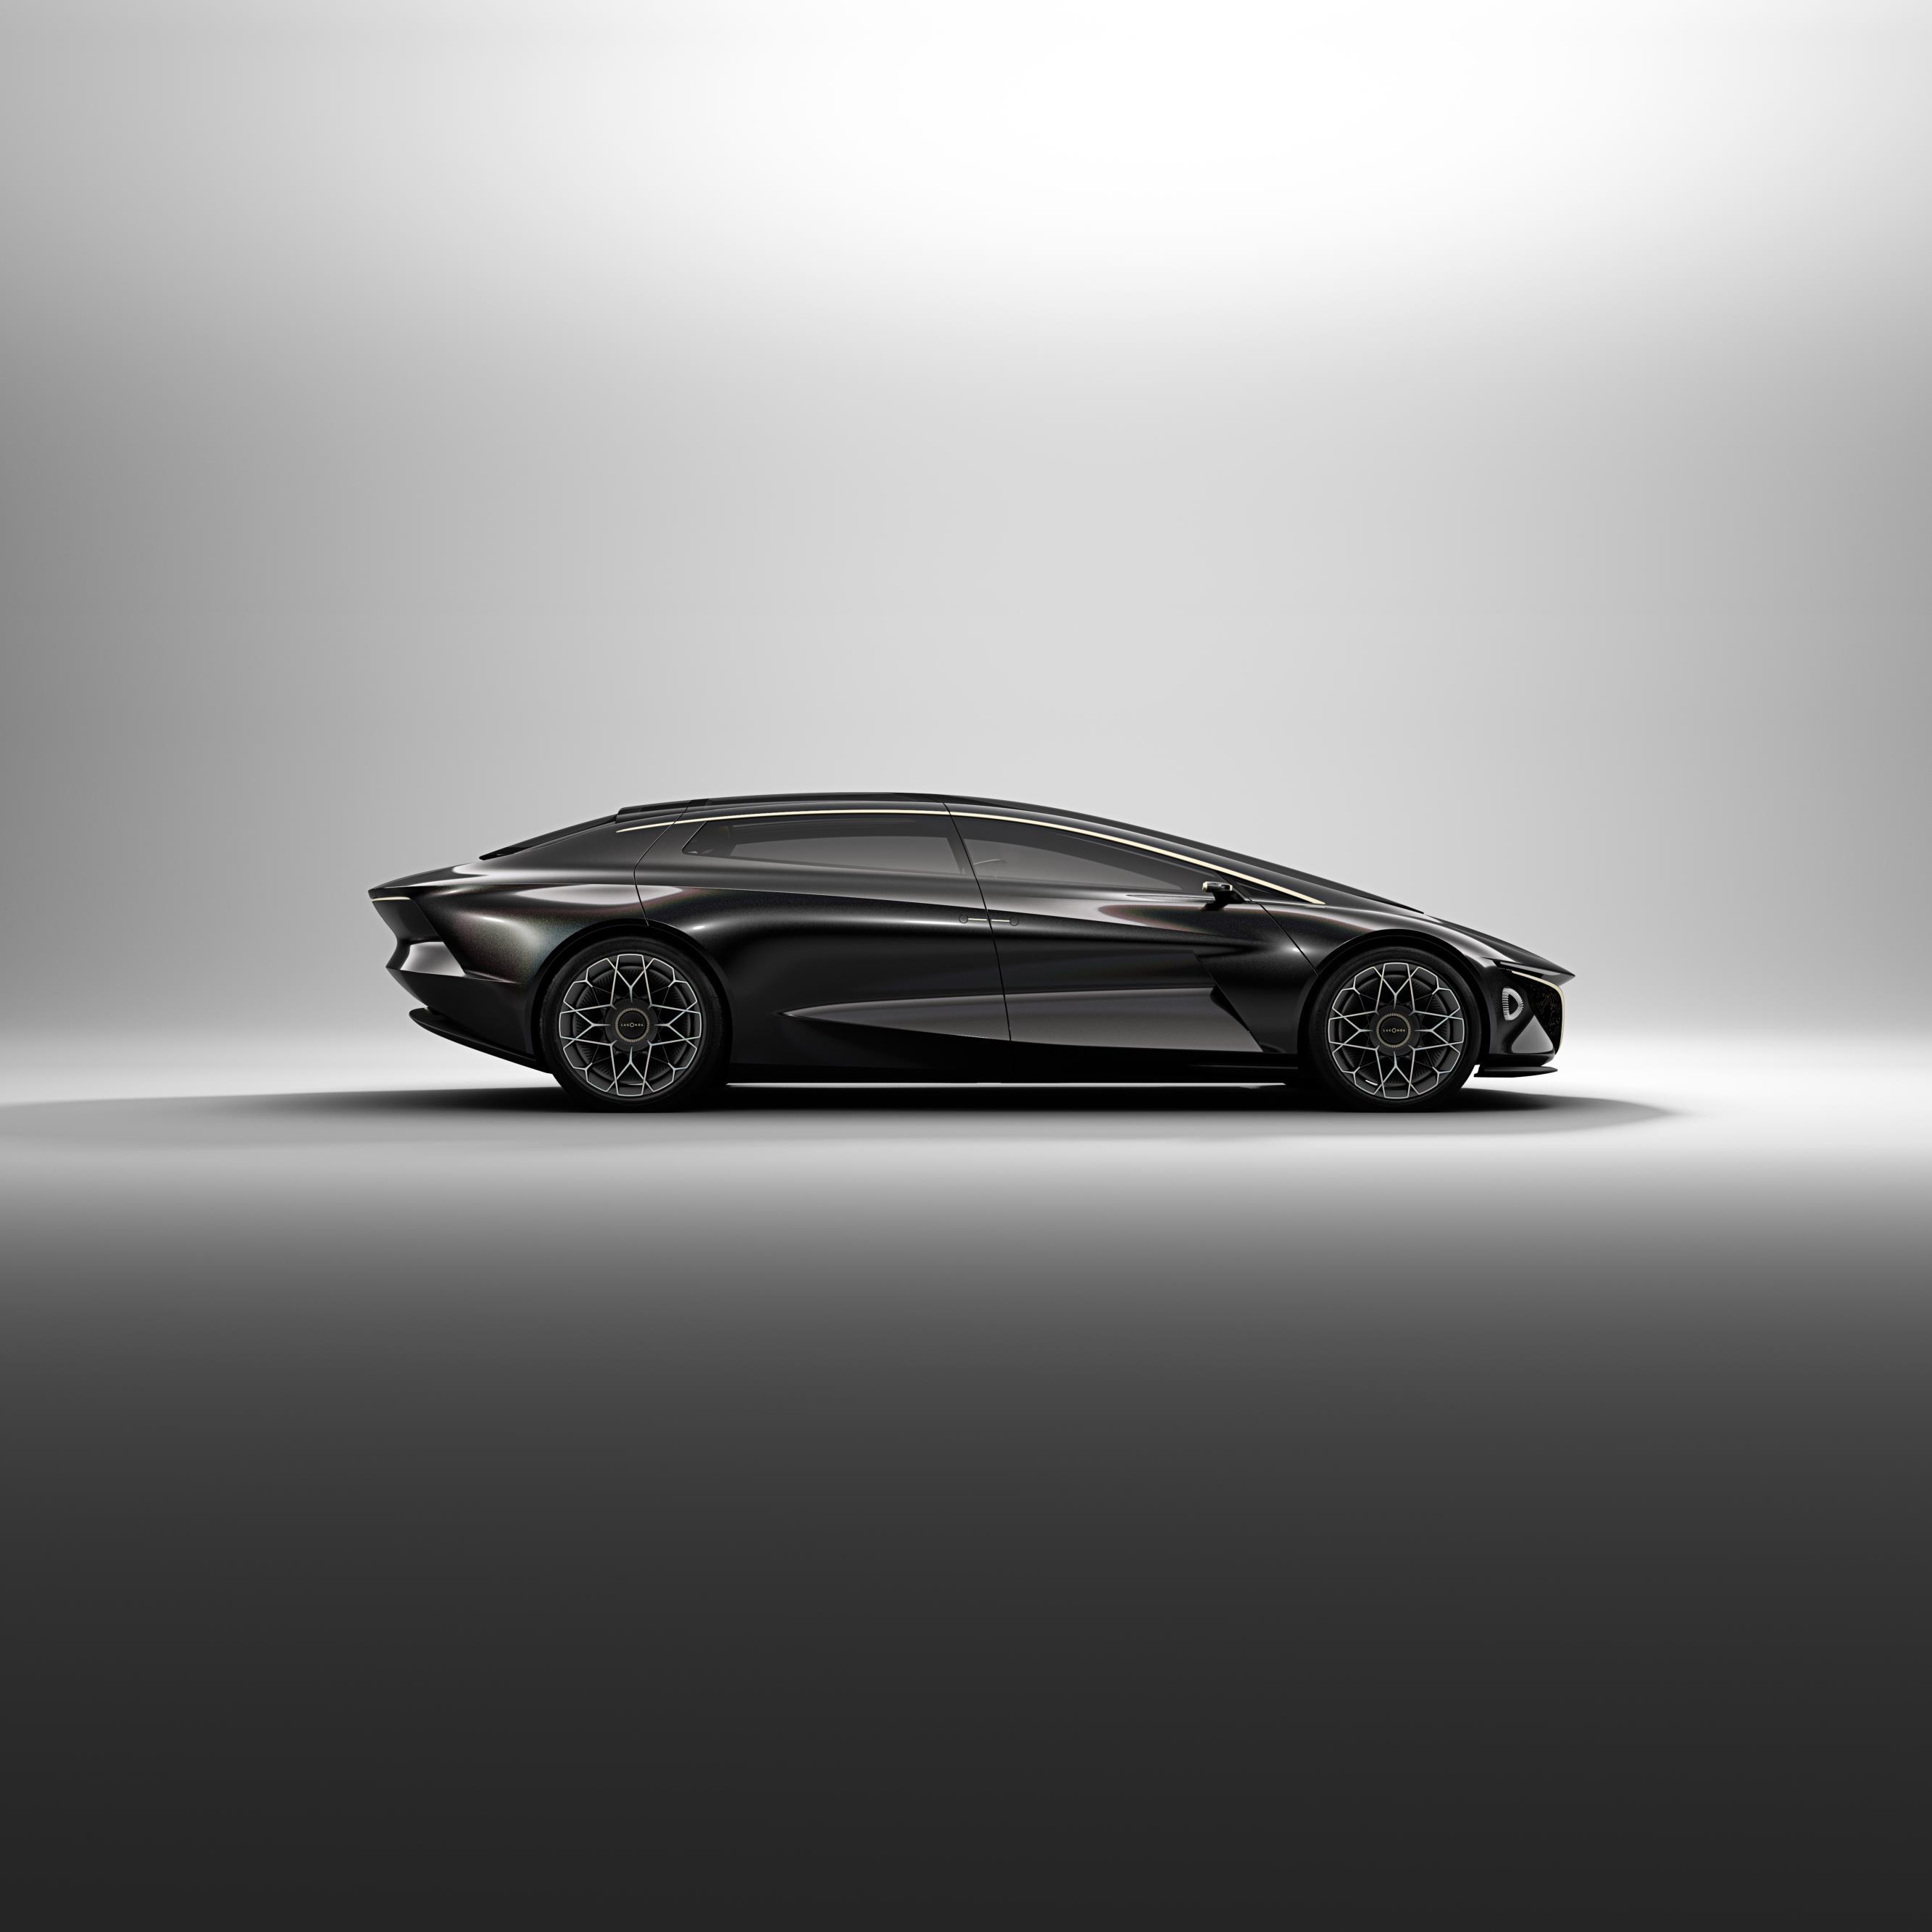 Мы считаем, что это справедливая оценка, судя по невысокому интересу к Lagonda Taraf. Aston Martin, однако, не отказались от него совсем, о чем свидетельствует их концепция Lagonda Vision, которая дебютировала на Женевском автосалоне 2018.